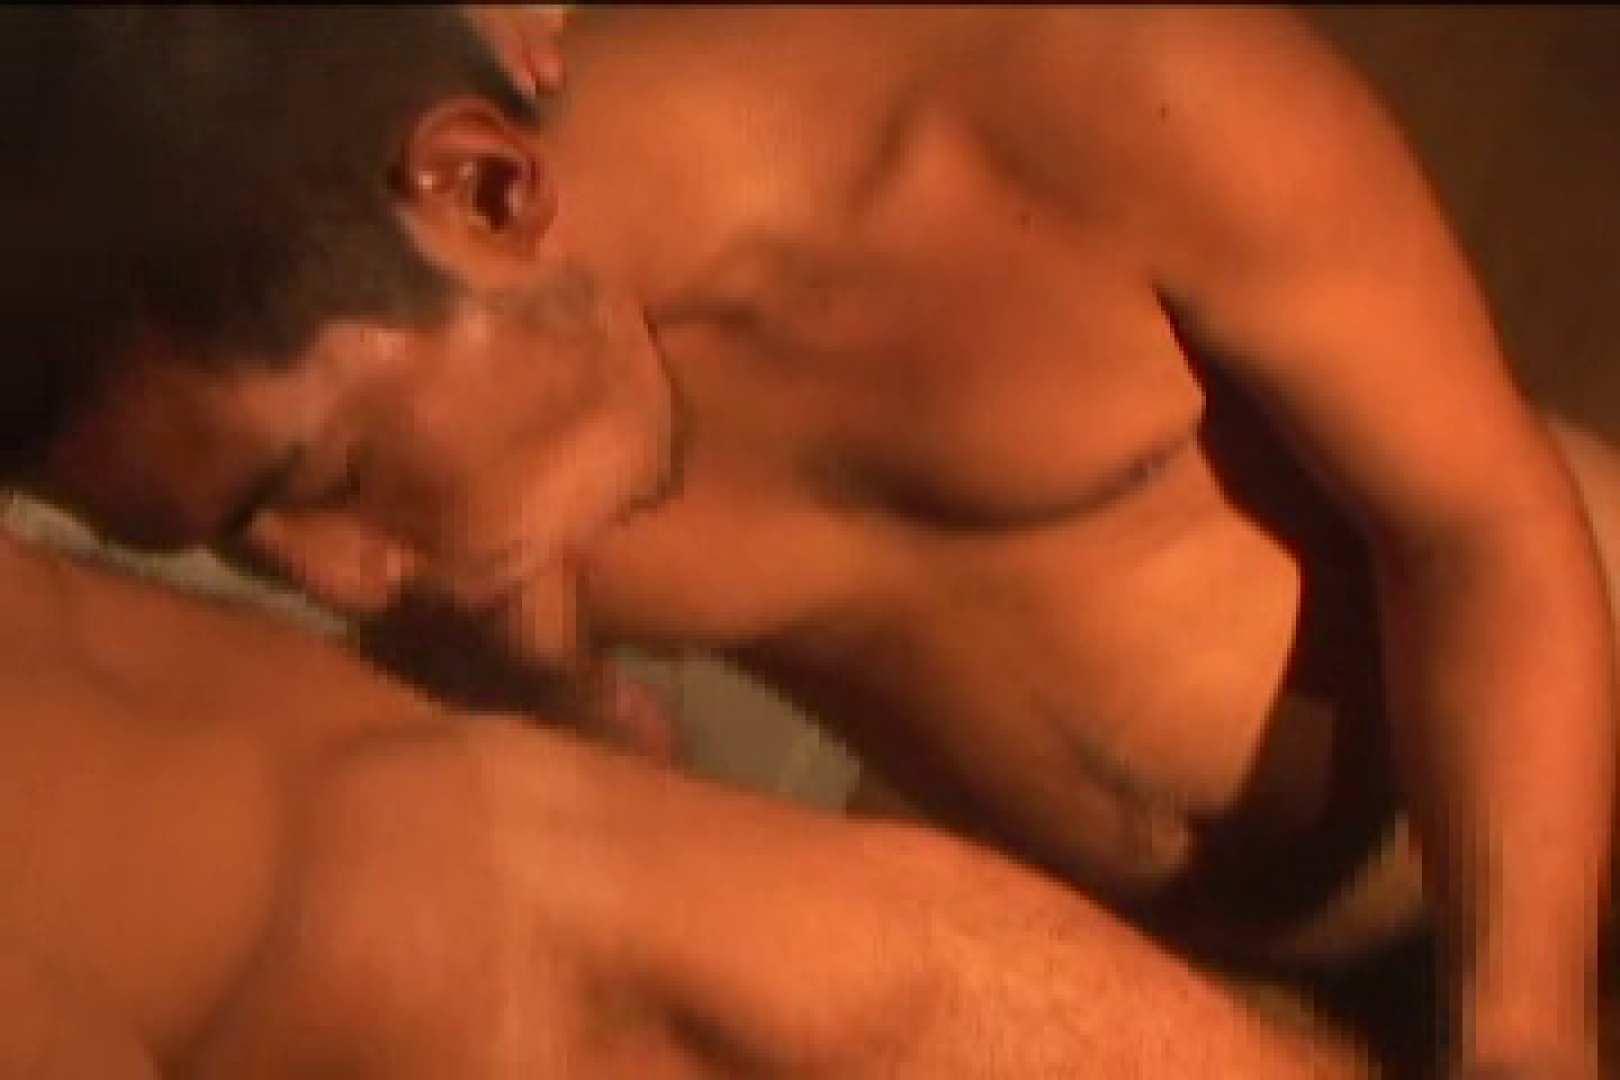 スポMENファック!!反り勃つ男根!!vol.7 ディープキス ゲイセックス画像 100pic 60